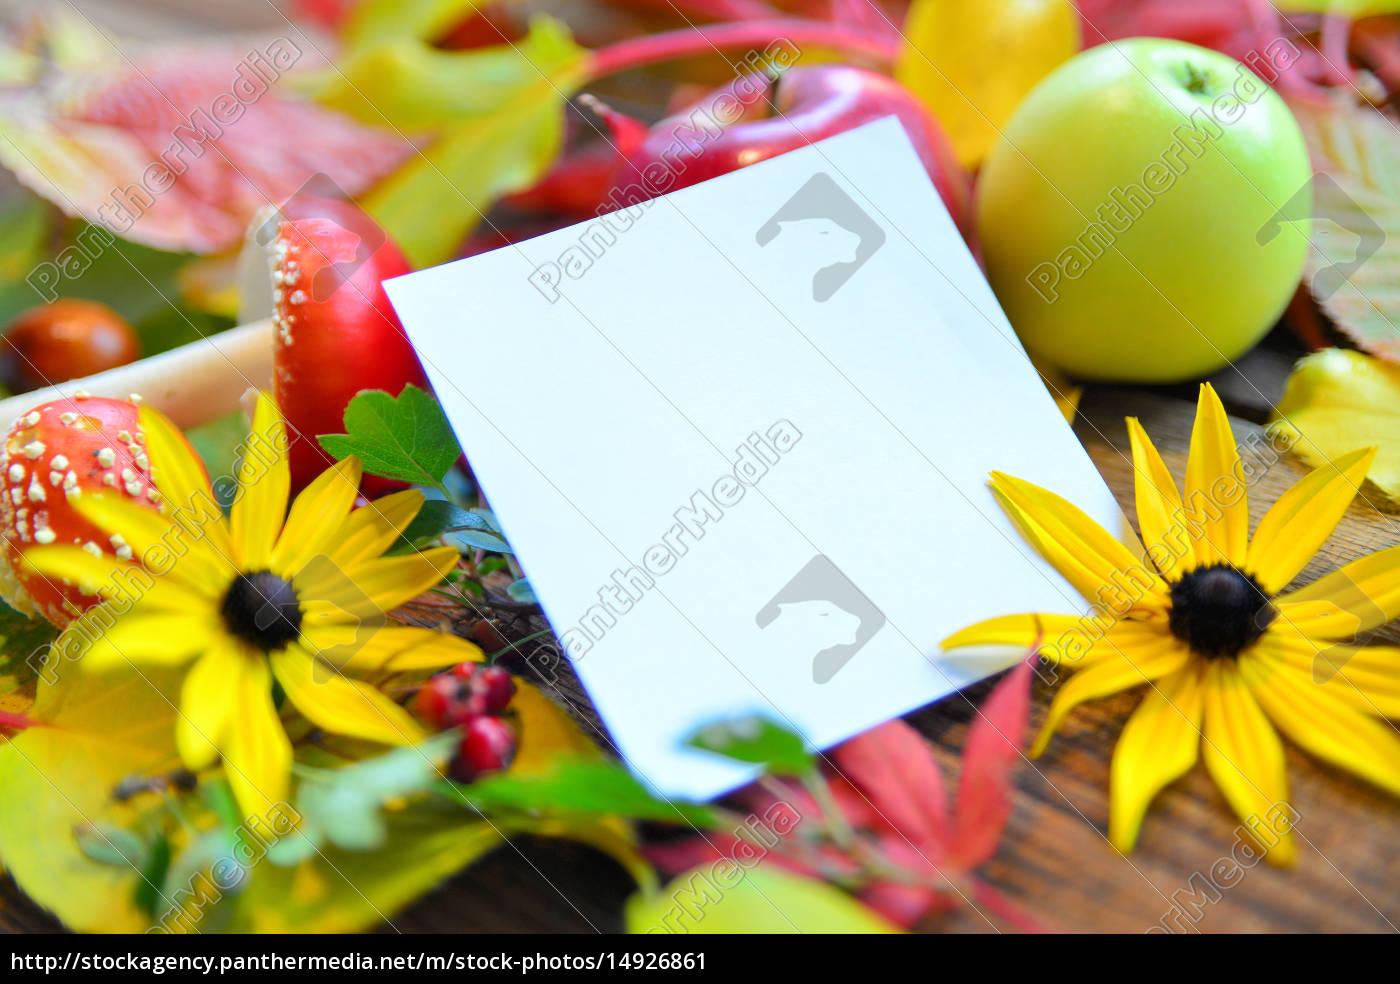 Herbst Hintergrund Lizenzfreies Bild 14926861 Bildagentur